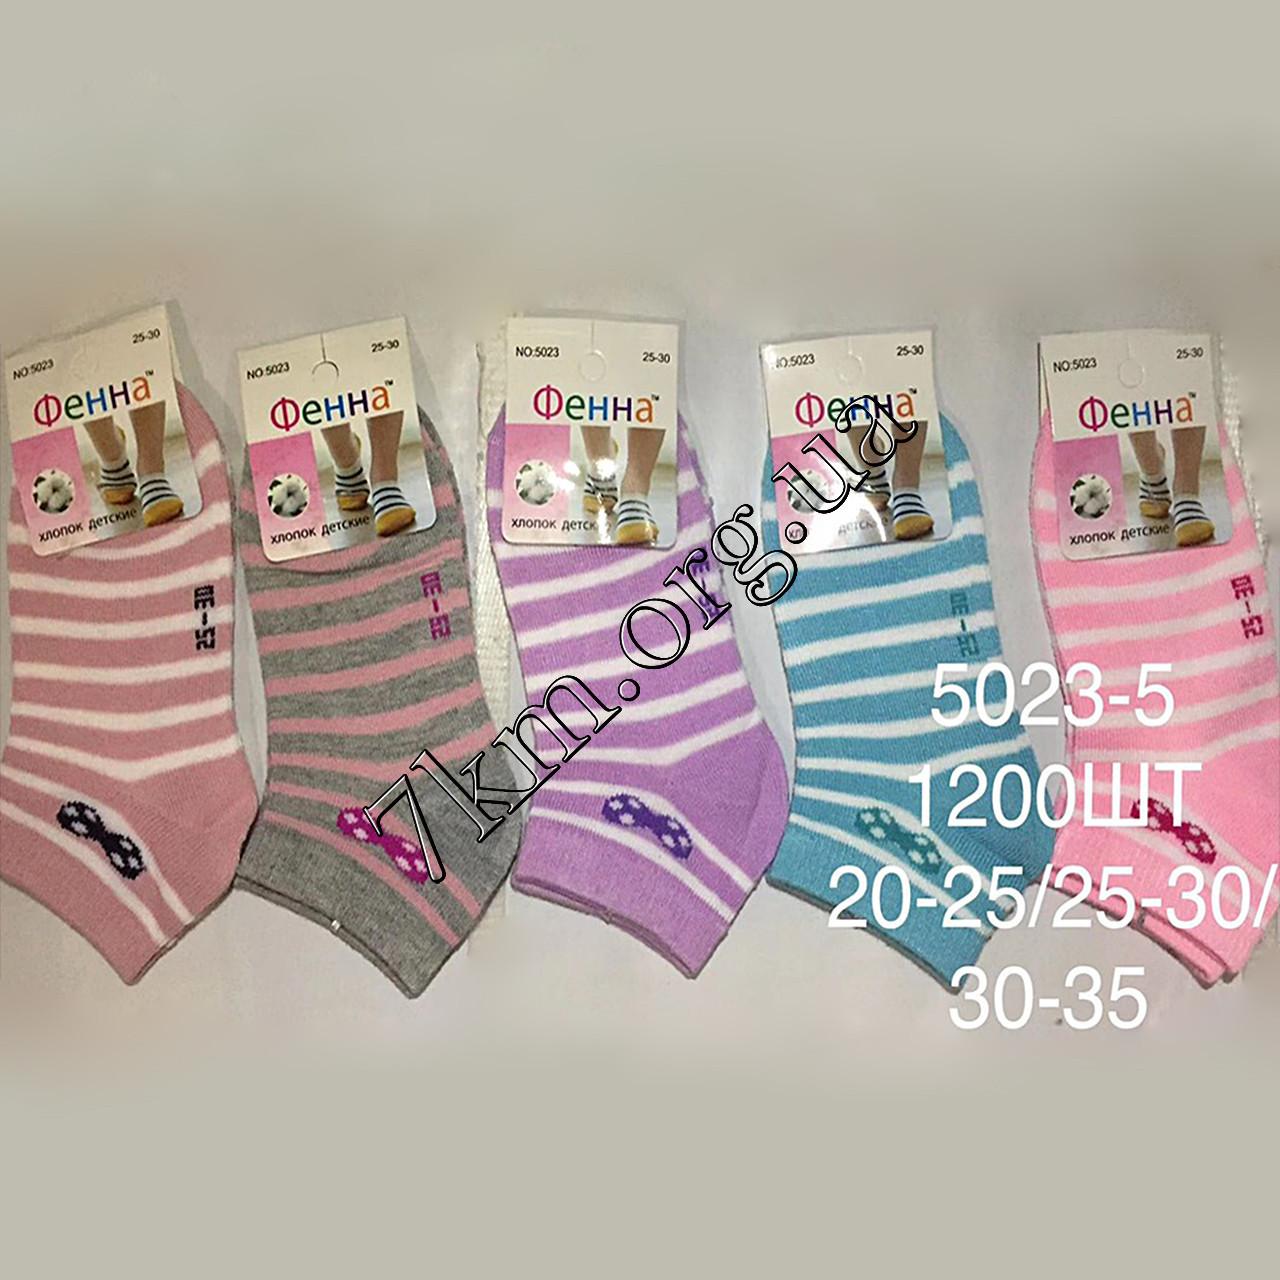 Шкарпетки дитячі оптом для дівчаток Фенна бавовна 25-30 р. р. Китай C5023-5